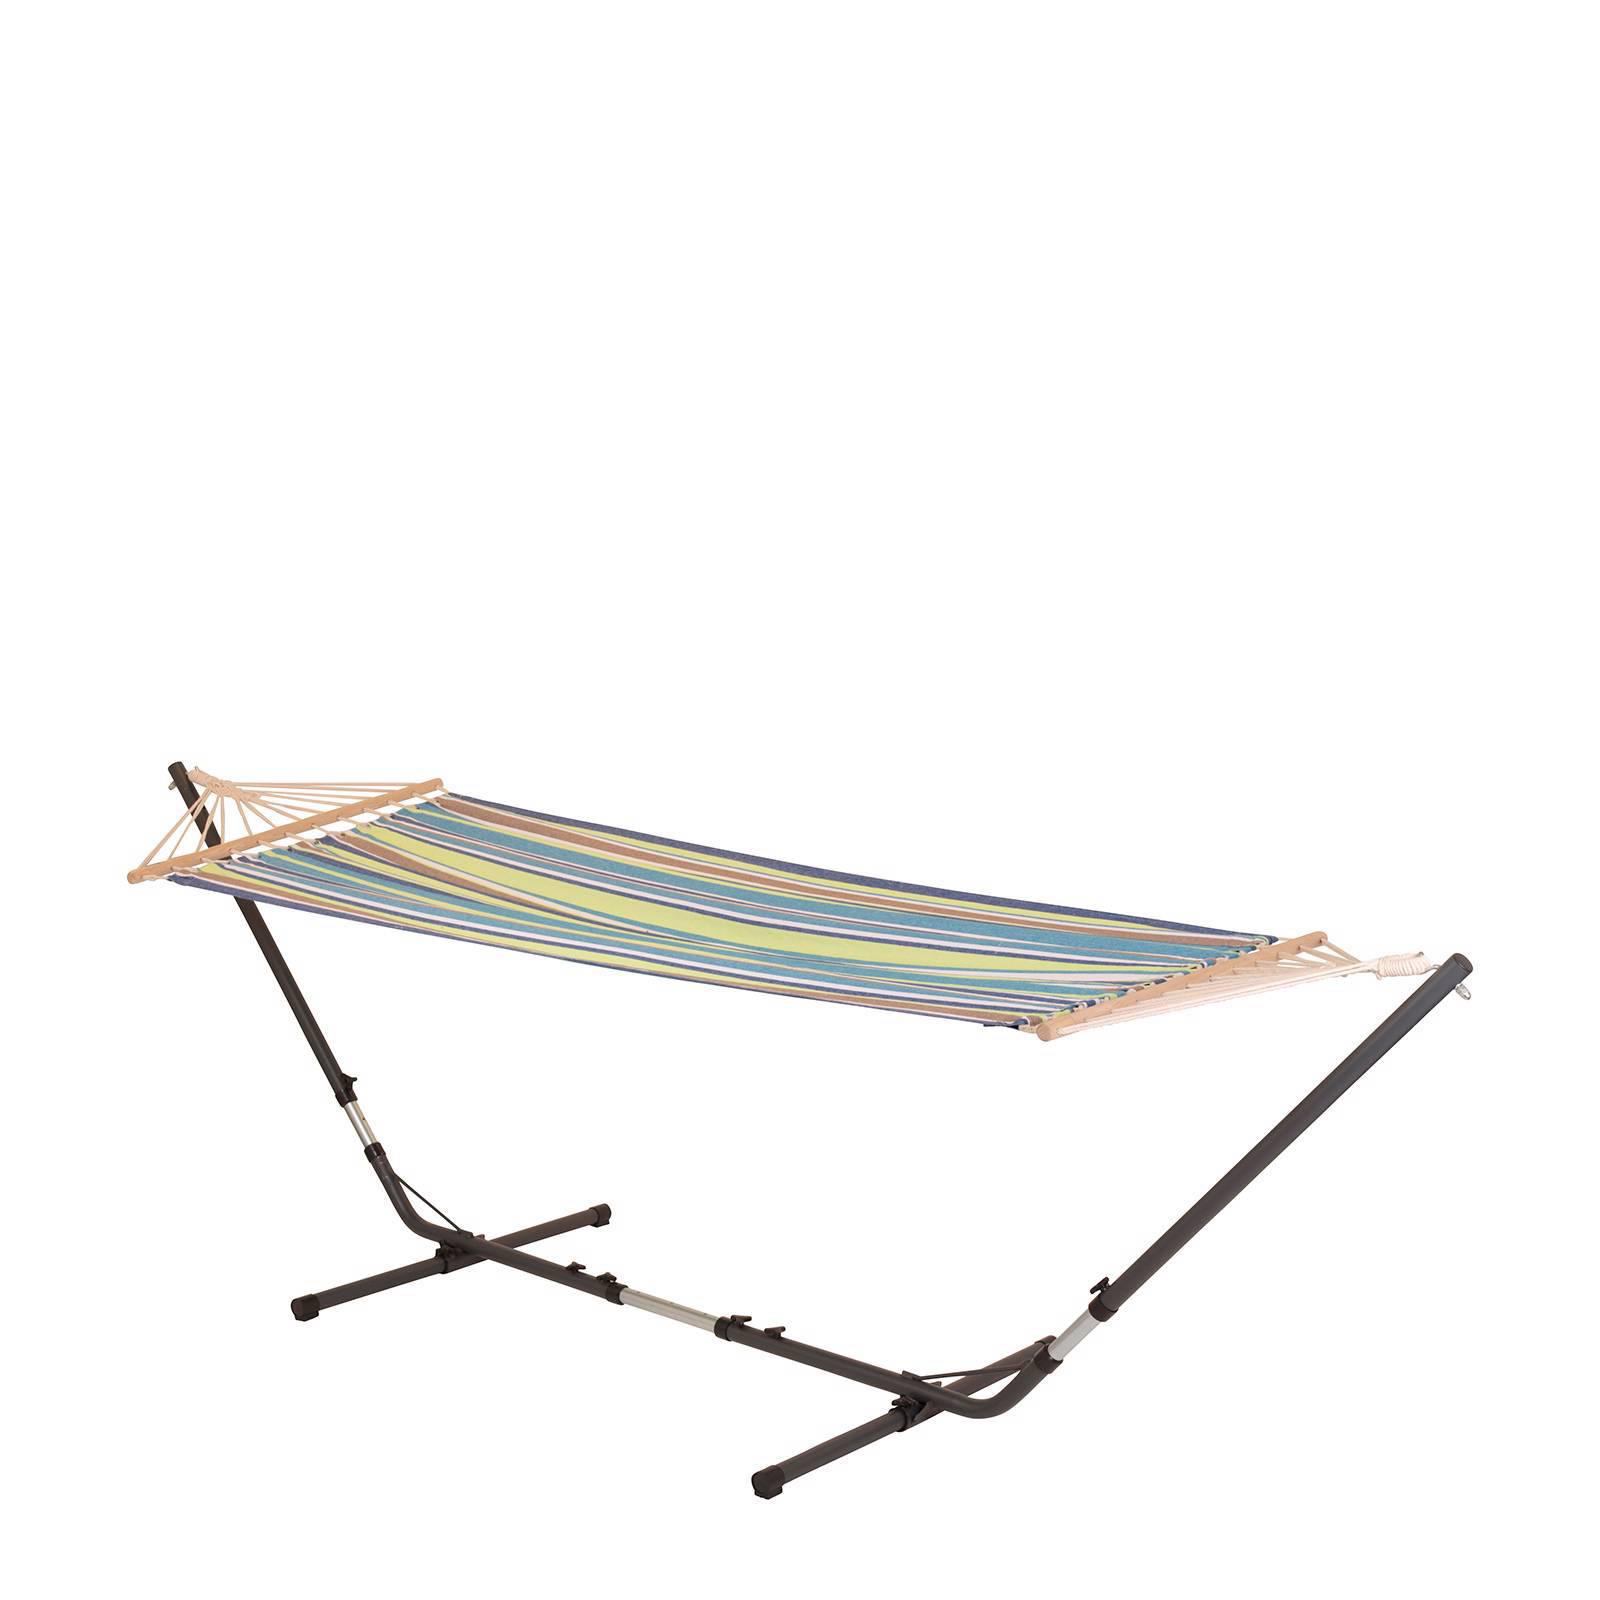 Steun Voor Hangmat.Bo Garden Hangmat Onderstel Wehkamp